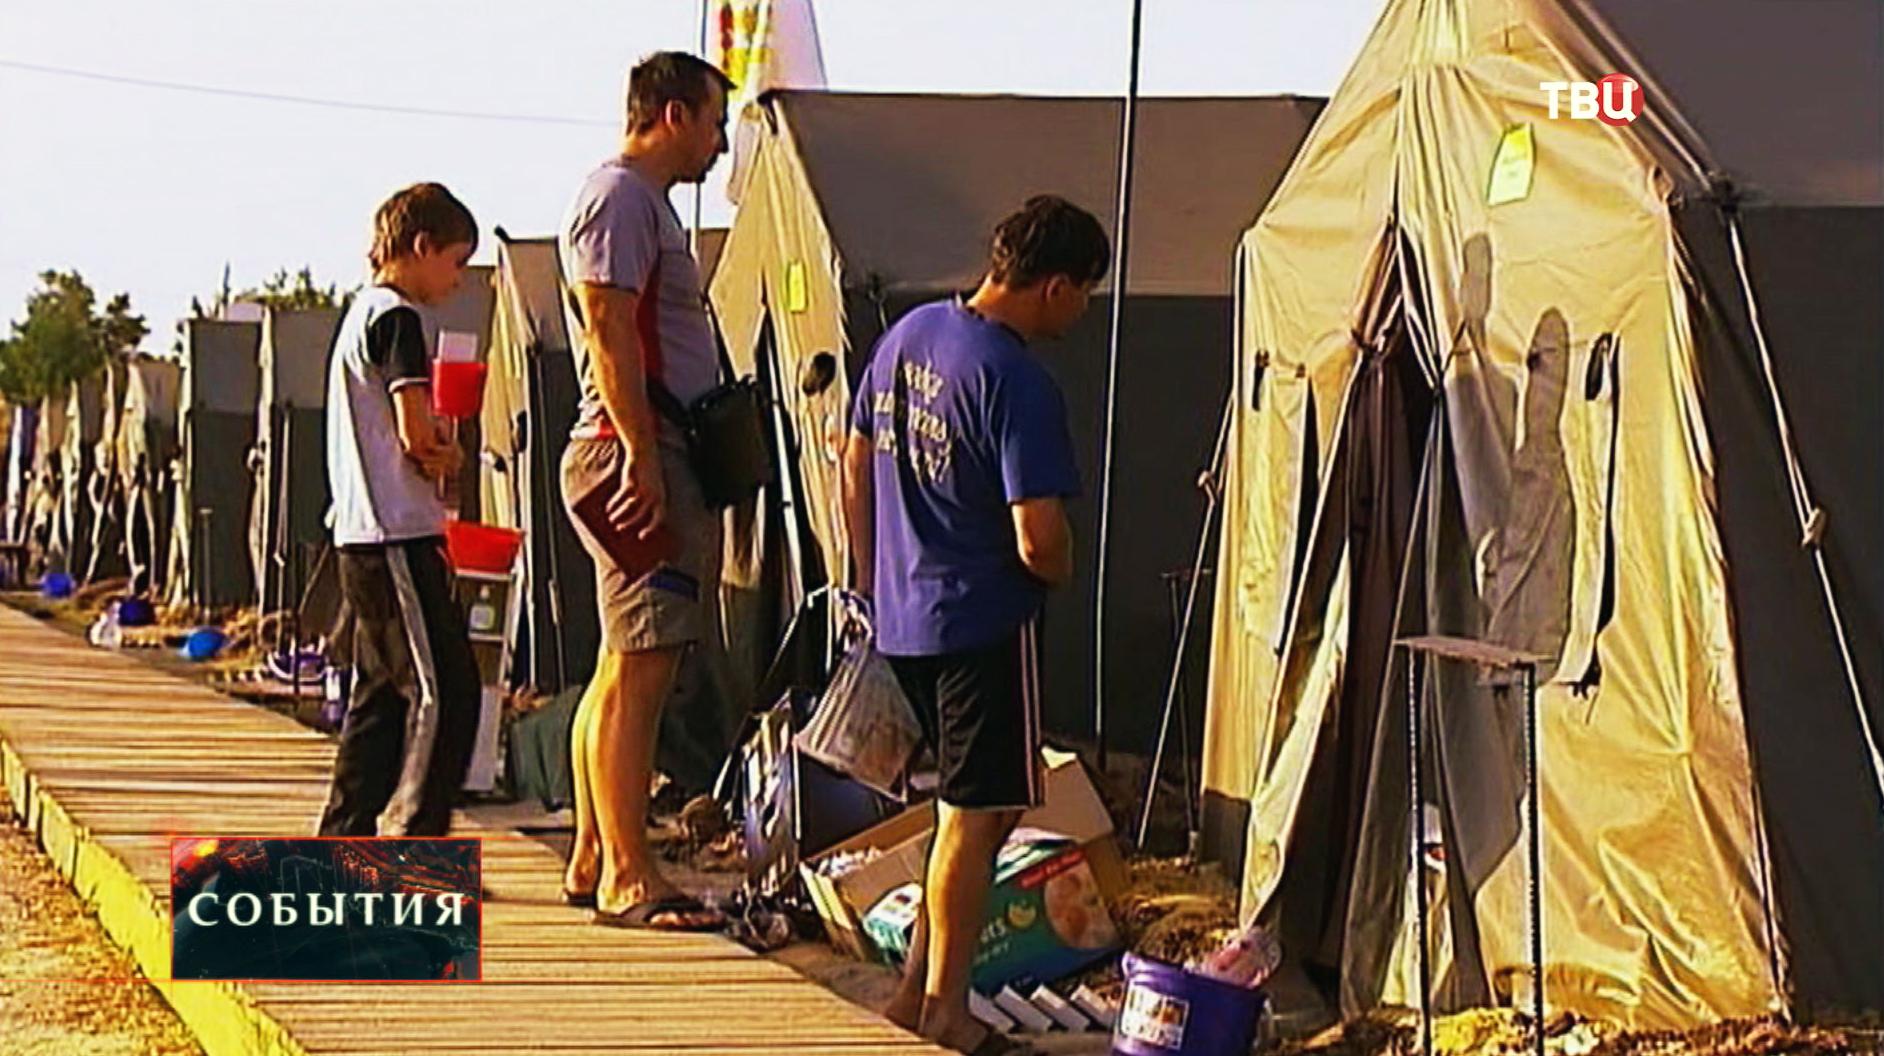 Палаточный пункт размещения беженцев в Донецке Ростовской области